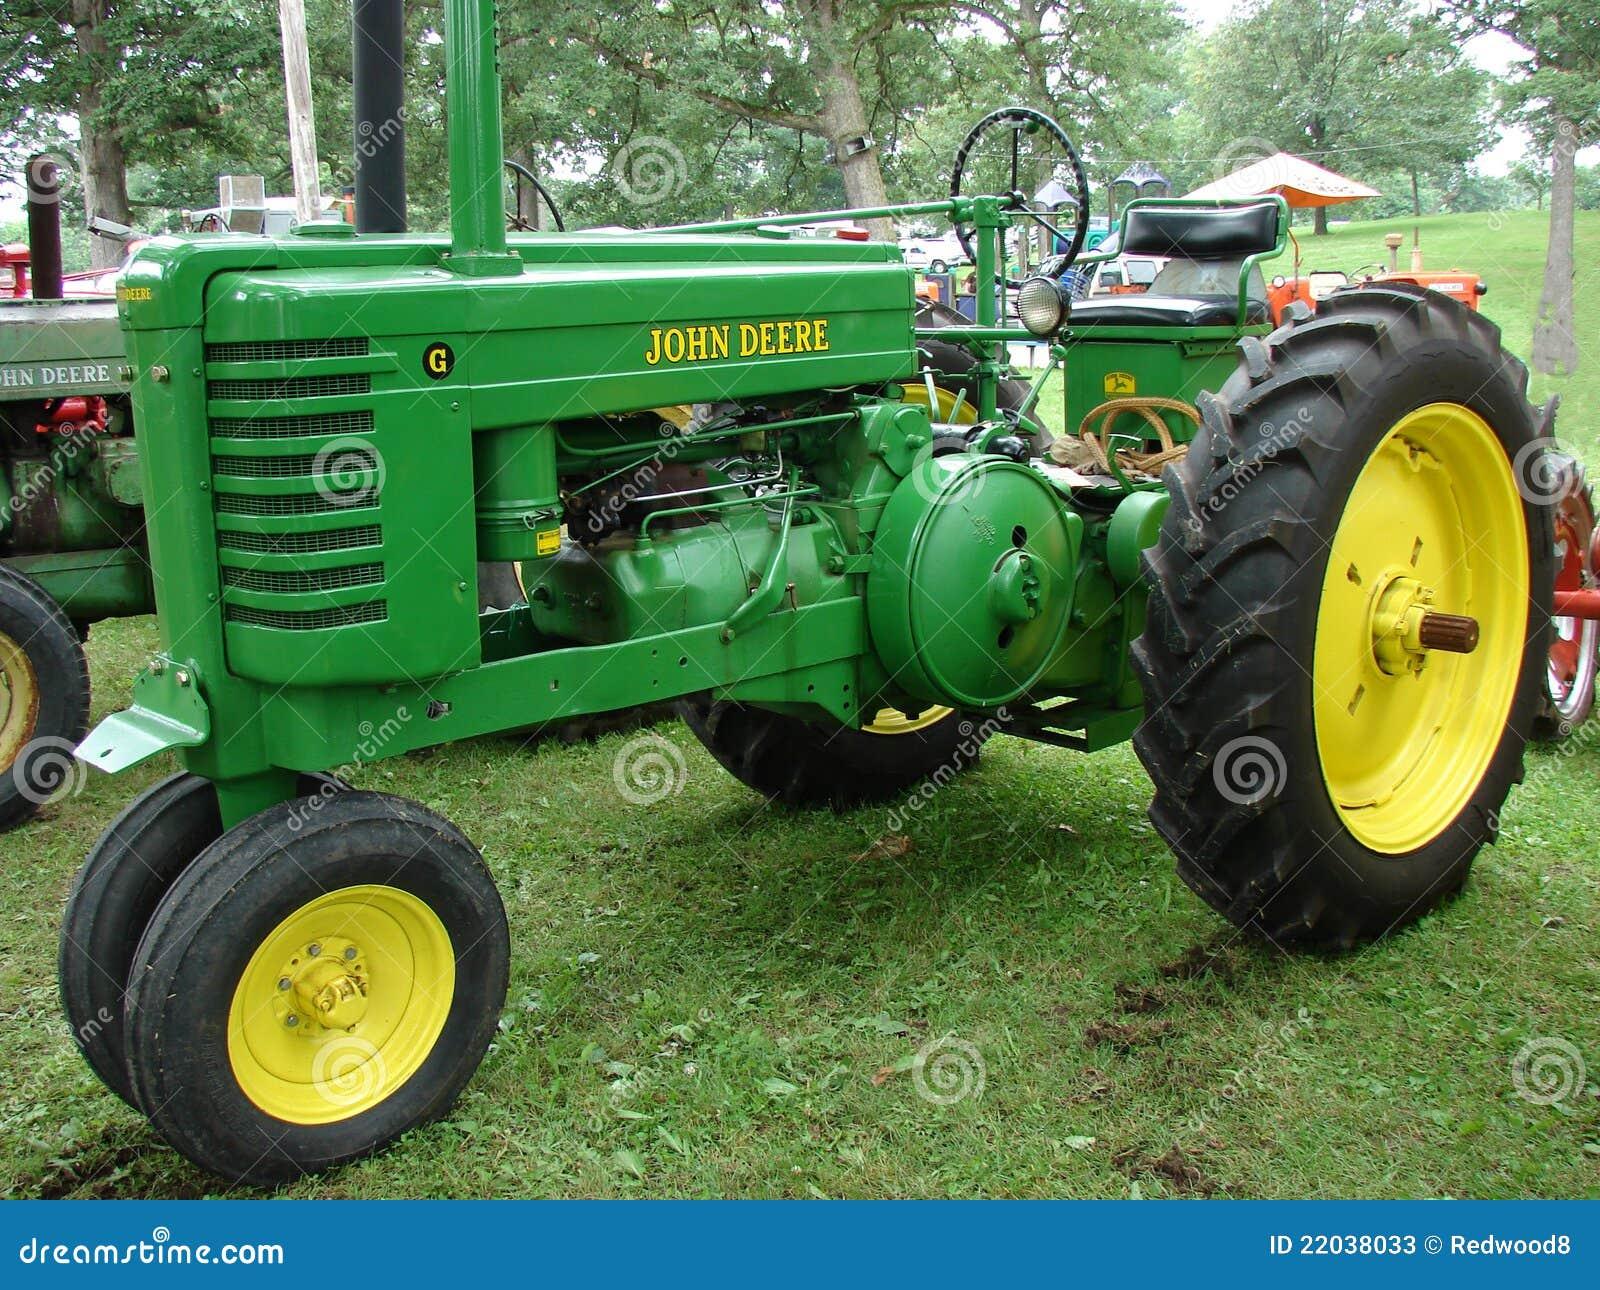 John Deere Tractor Redactionele Stock Foto Afbeelding Bestaande Uit